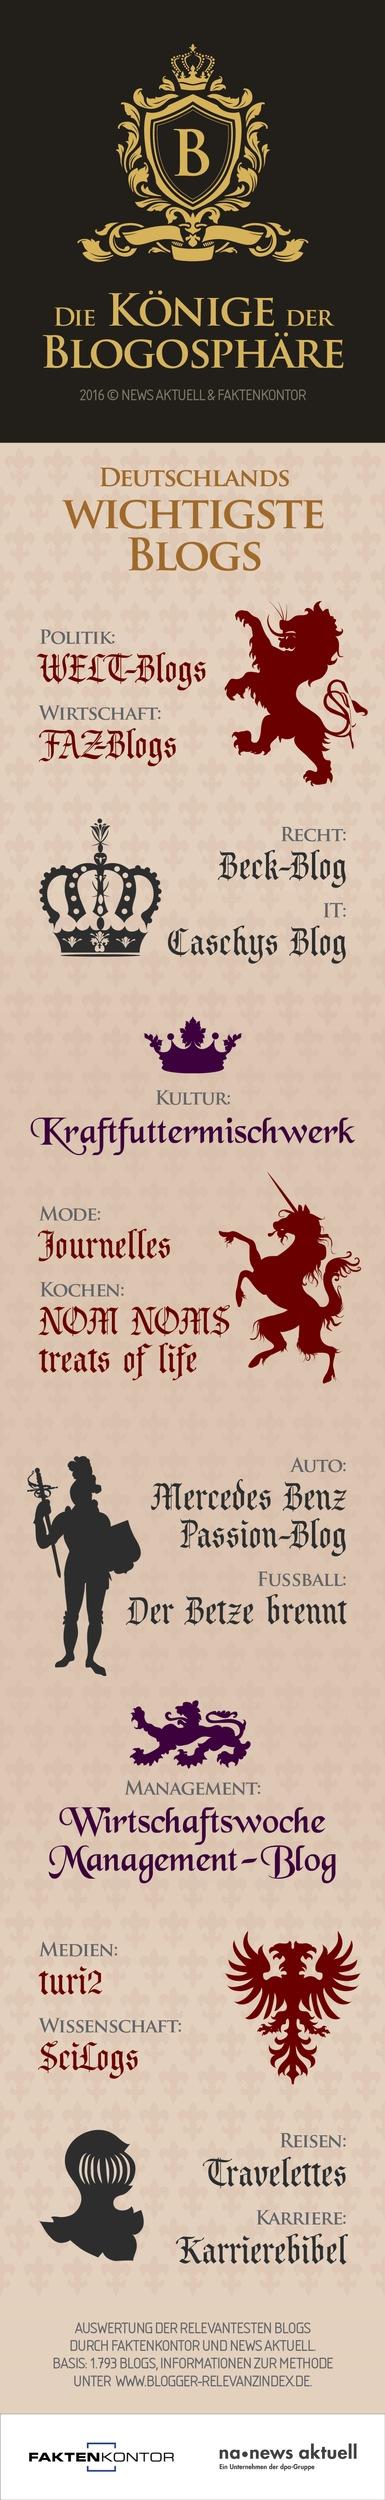 Die Könige der Blogosphäre: Deutschlands wichtigste Blogs